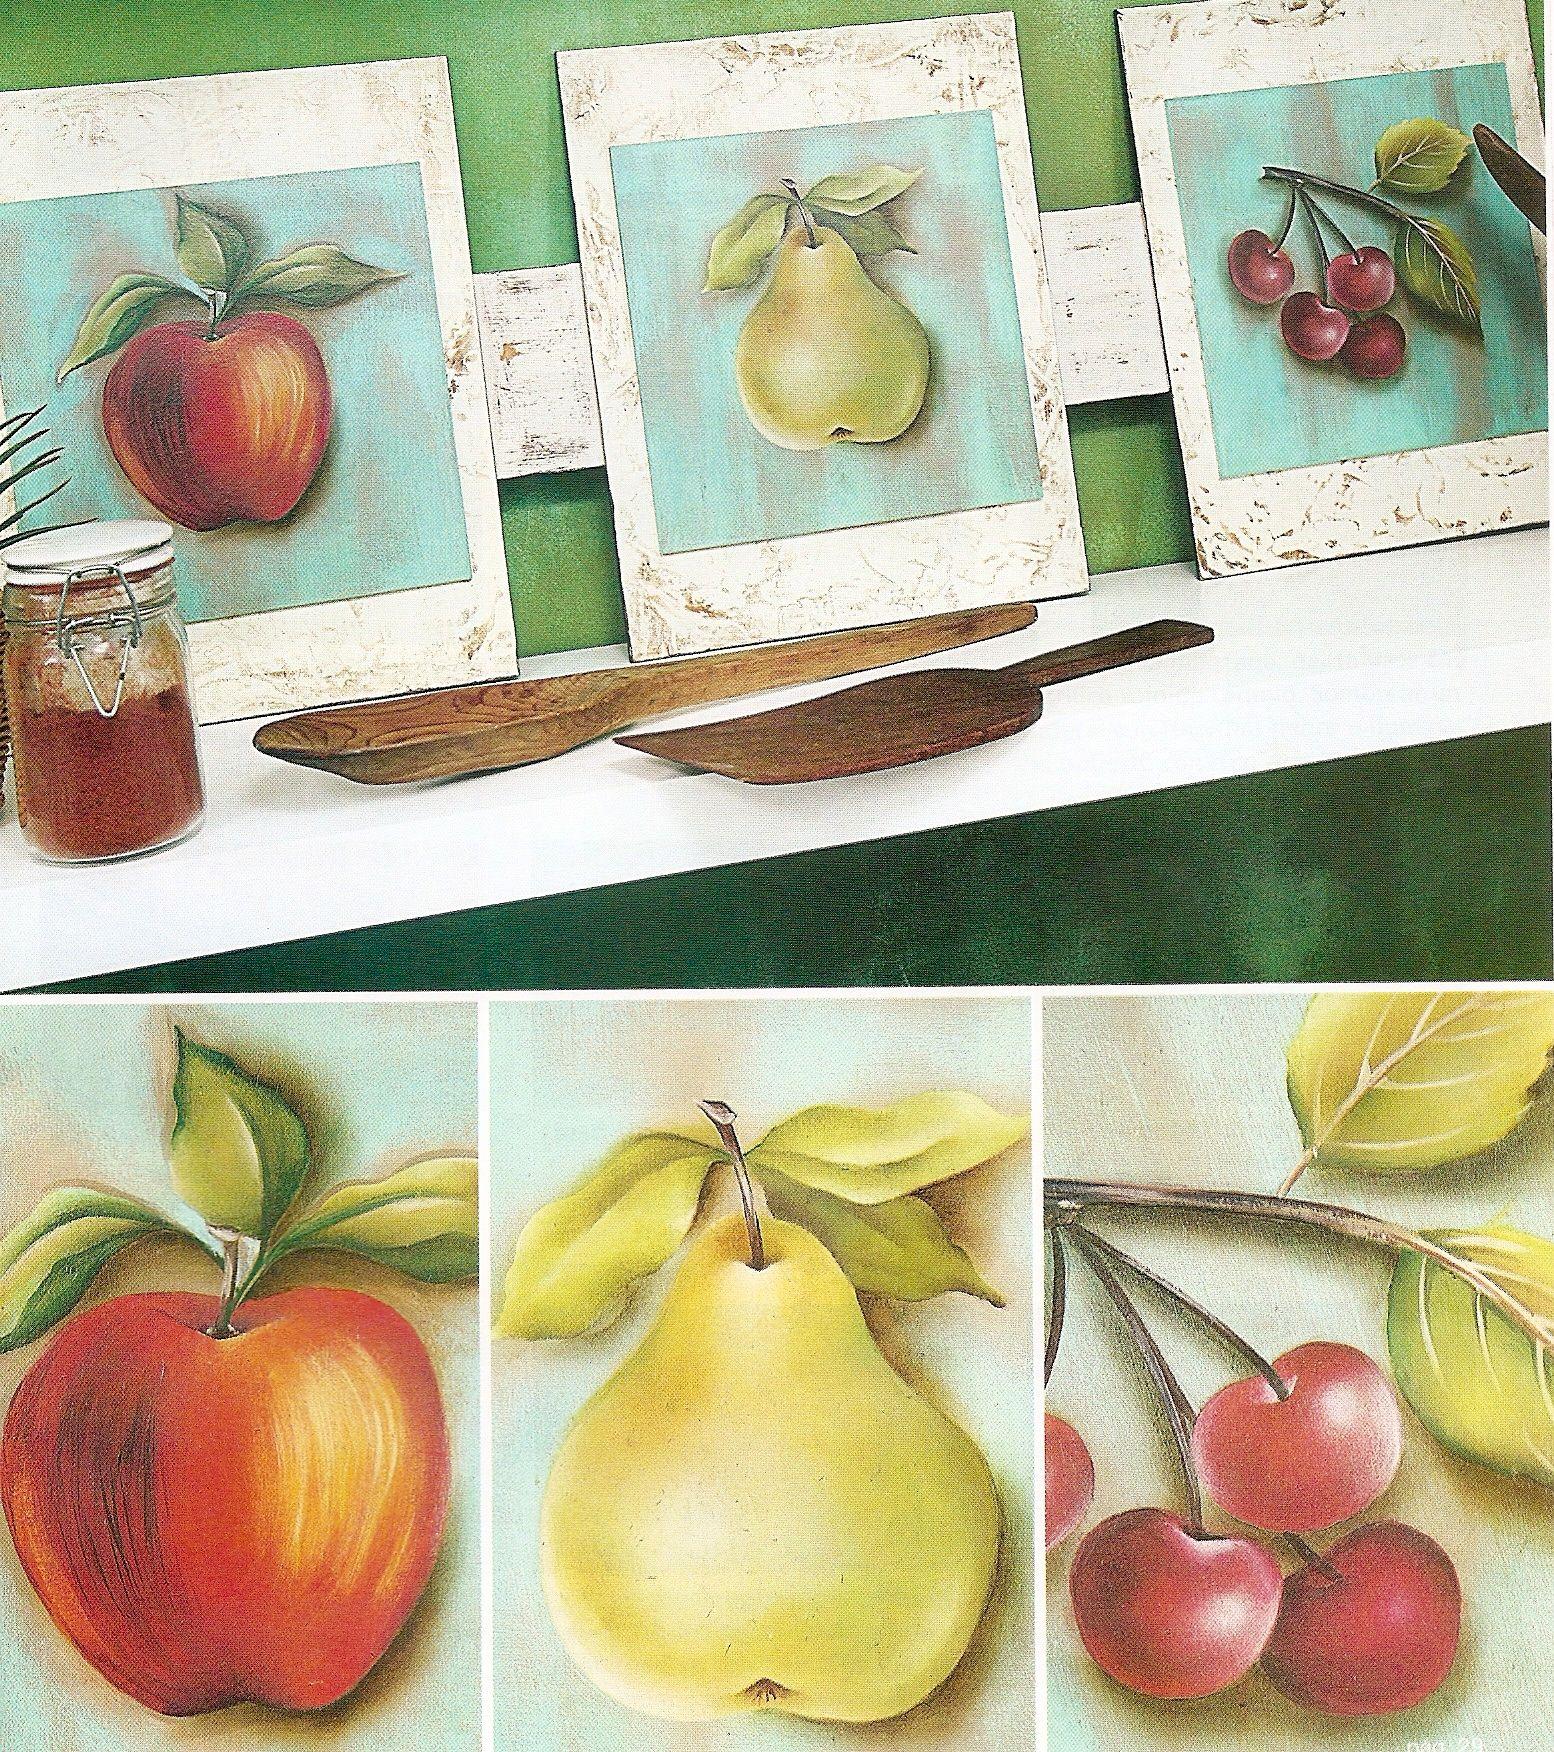 Cuadros de frutas para decorar nuestra cocina arte for Cuadros para cocina